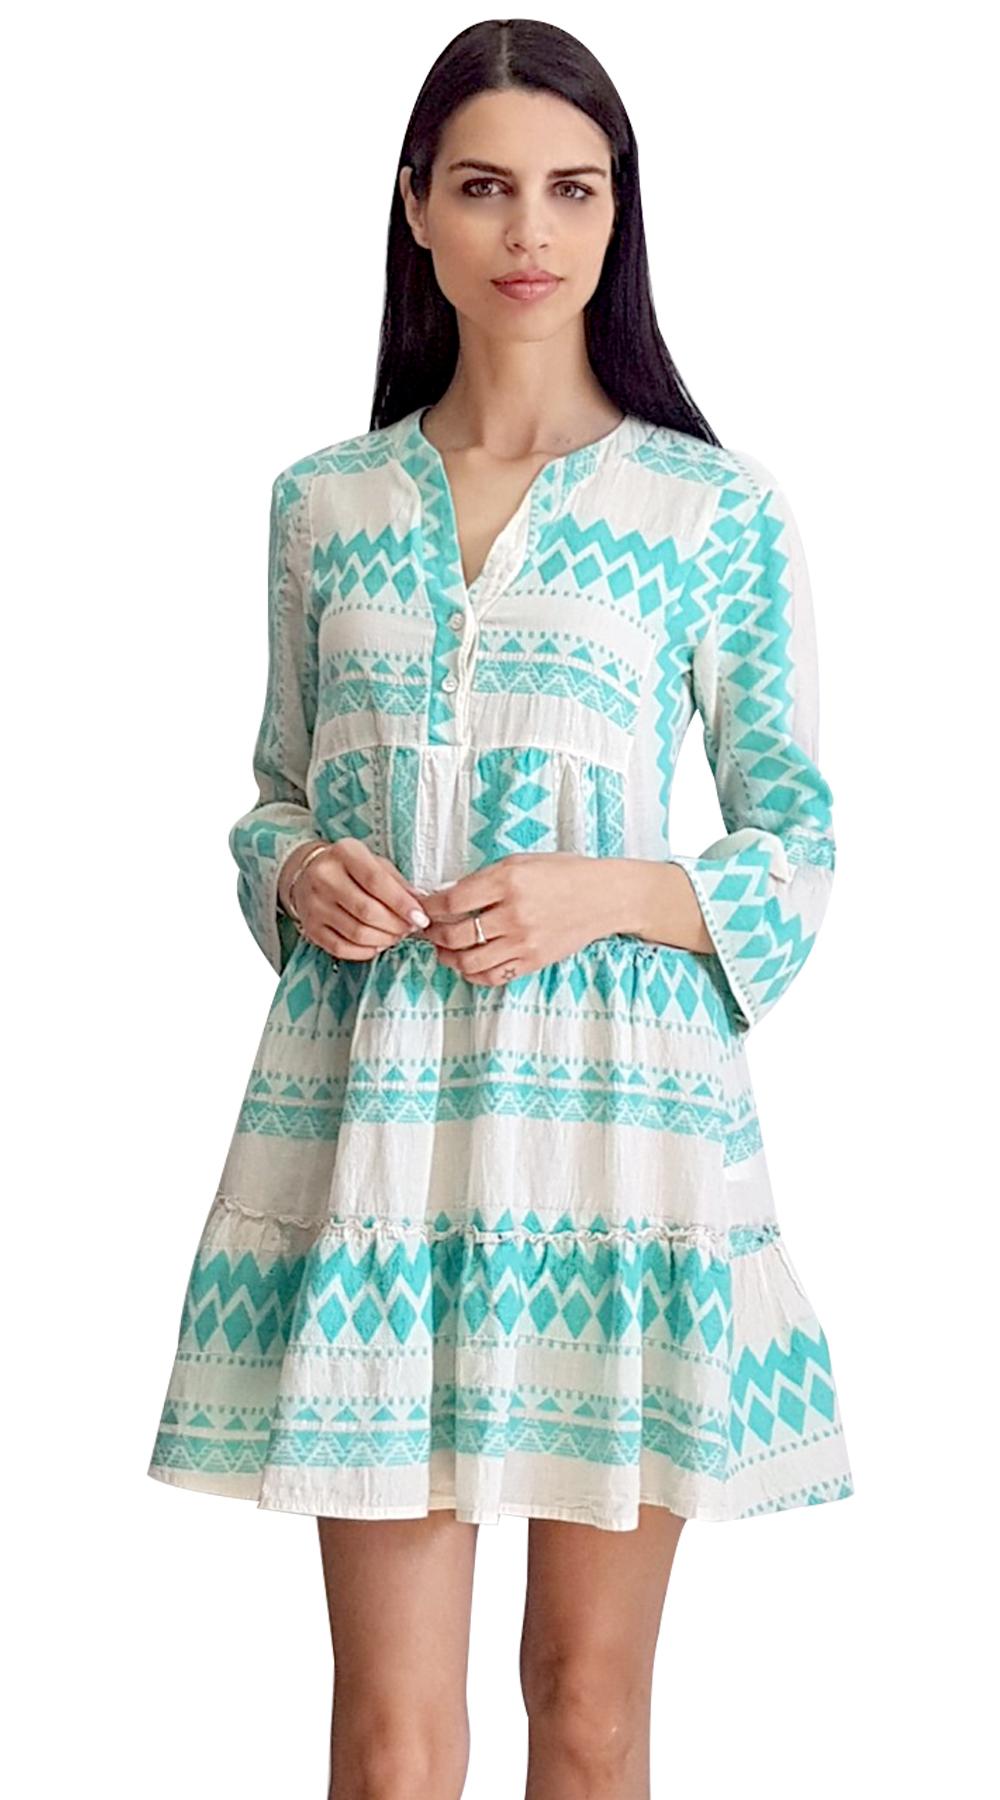 Mini Boho Φόρεμα με Βολάν ONLINE - ONLINE - SP19ΟΝ-50105 φορέματα so girly